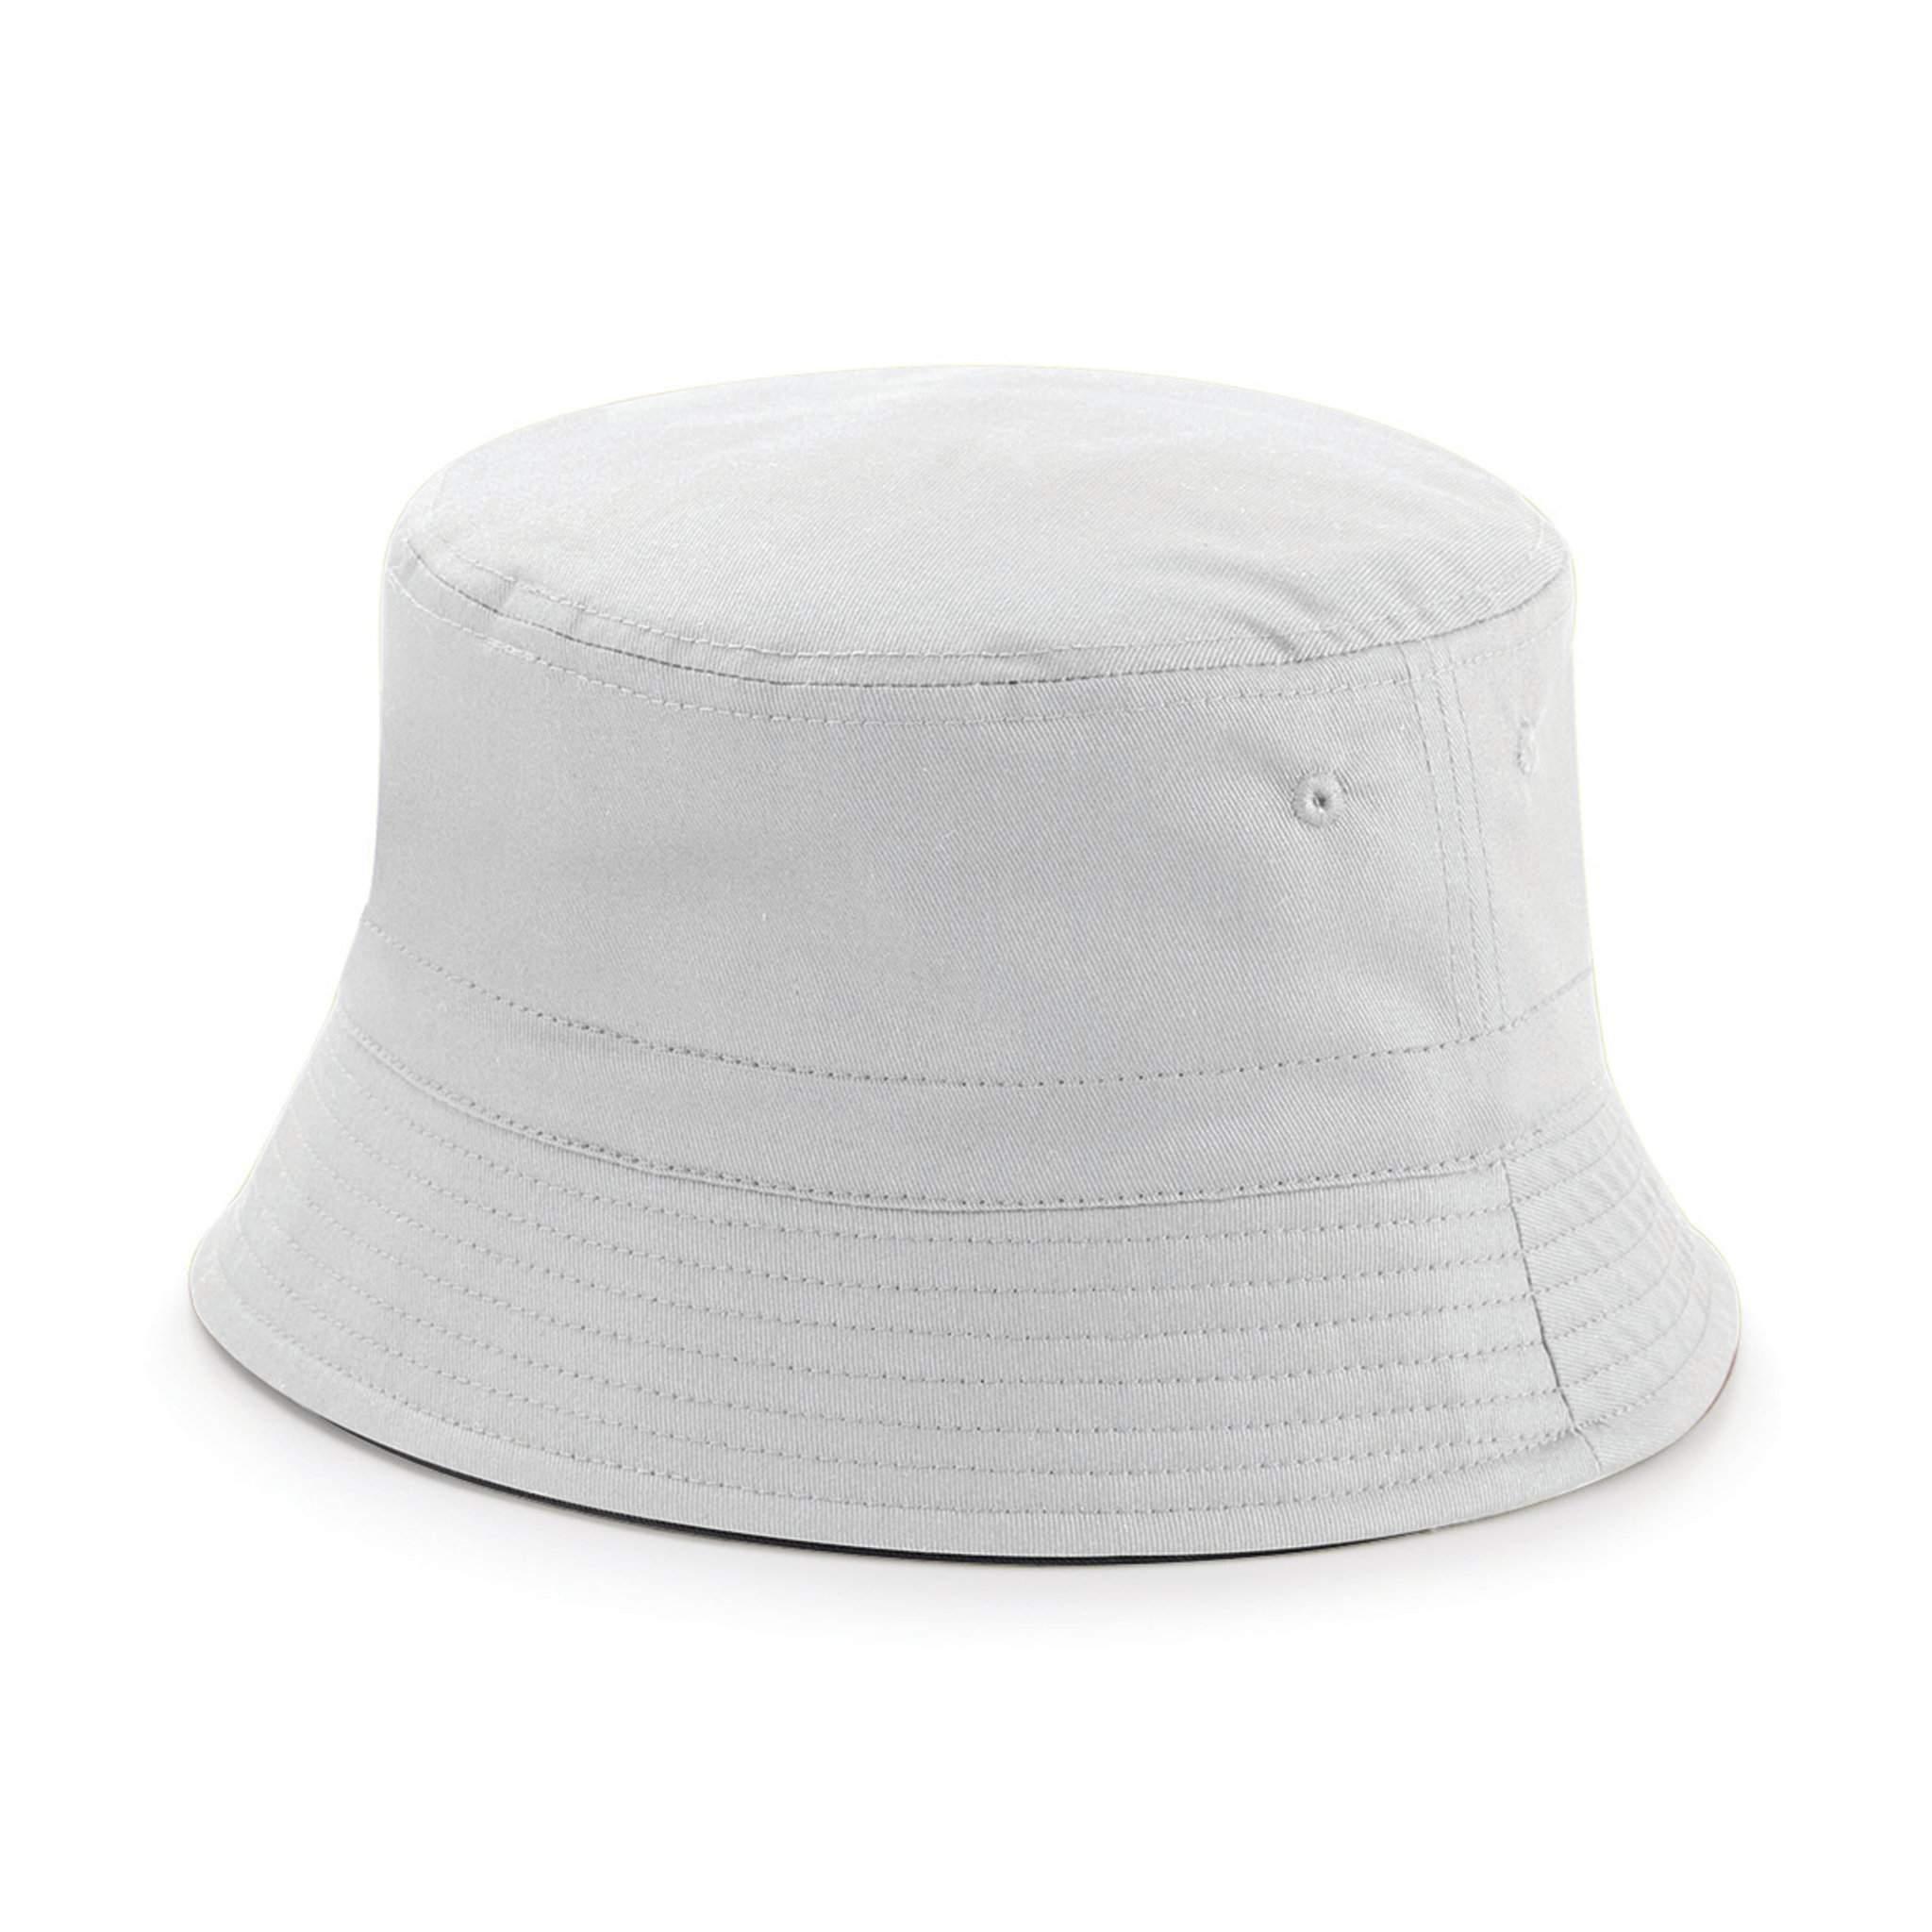 Chapeau publicitaire Bucket - chapeau personnalisable french navy/blanc